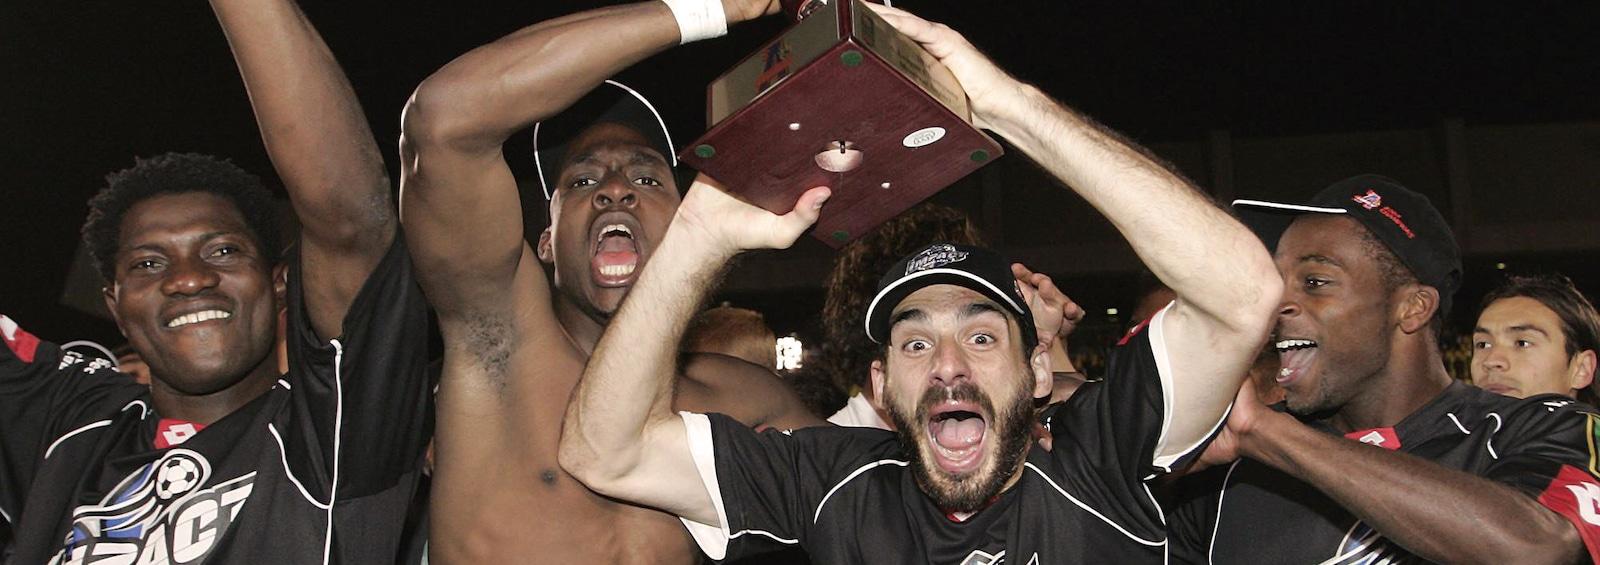 Maudrio Vincello (6) célèbre avec ses coéquipiers de l'Impact la conquête du championnat de l'A-League, le 18 septembre 2004, après une victoire contre les Sounders de Seattle.